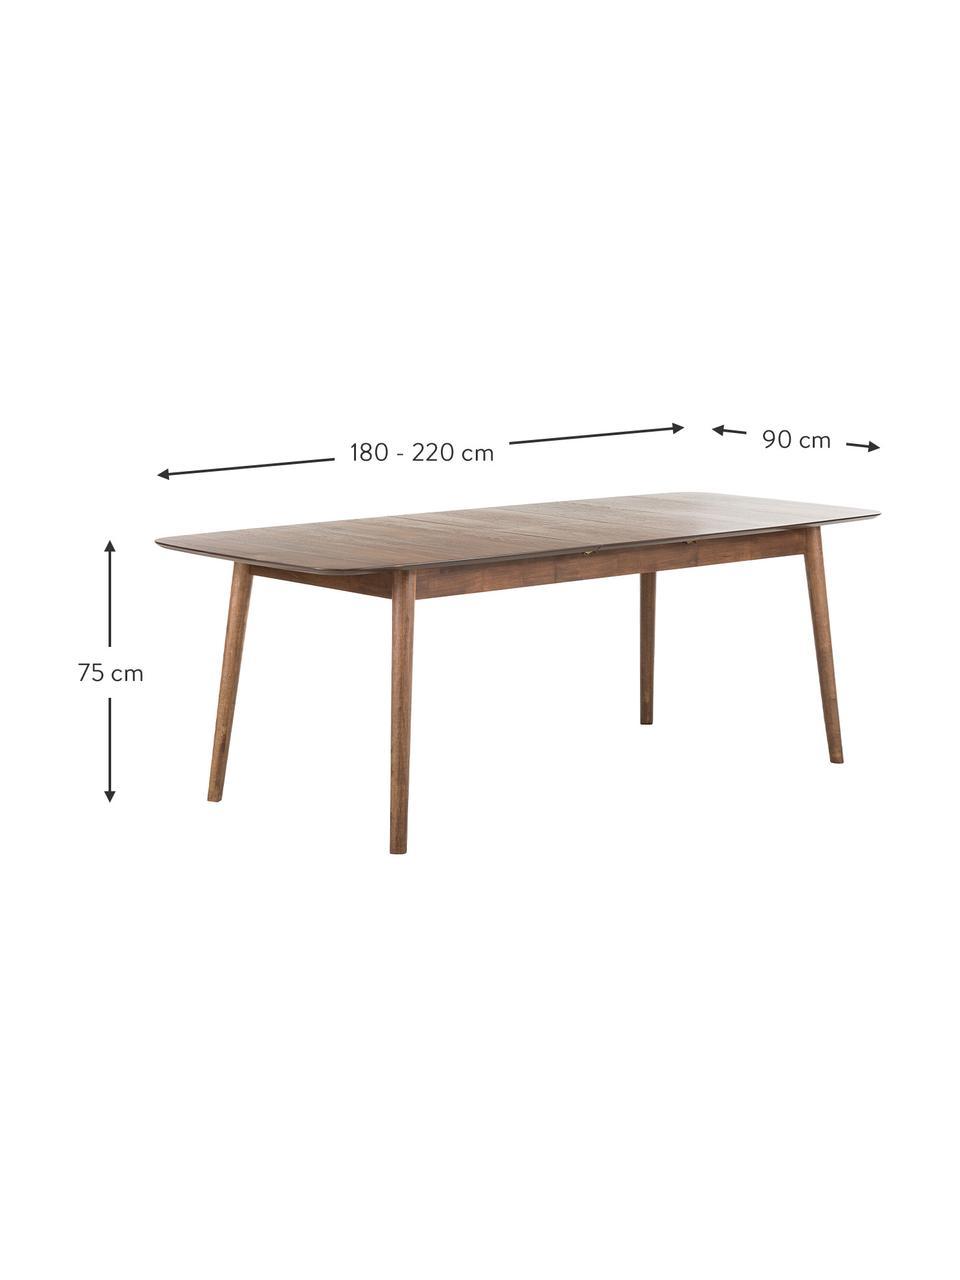 Stół rozsuwany do jadalni Montreux, Blat: płyta pilśniowa średniej , Nogi: drewno kauczukowe, barwio, Fornir z drewna orzechowego, S 180 do 220 x G 90 cm